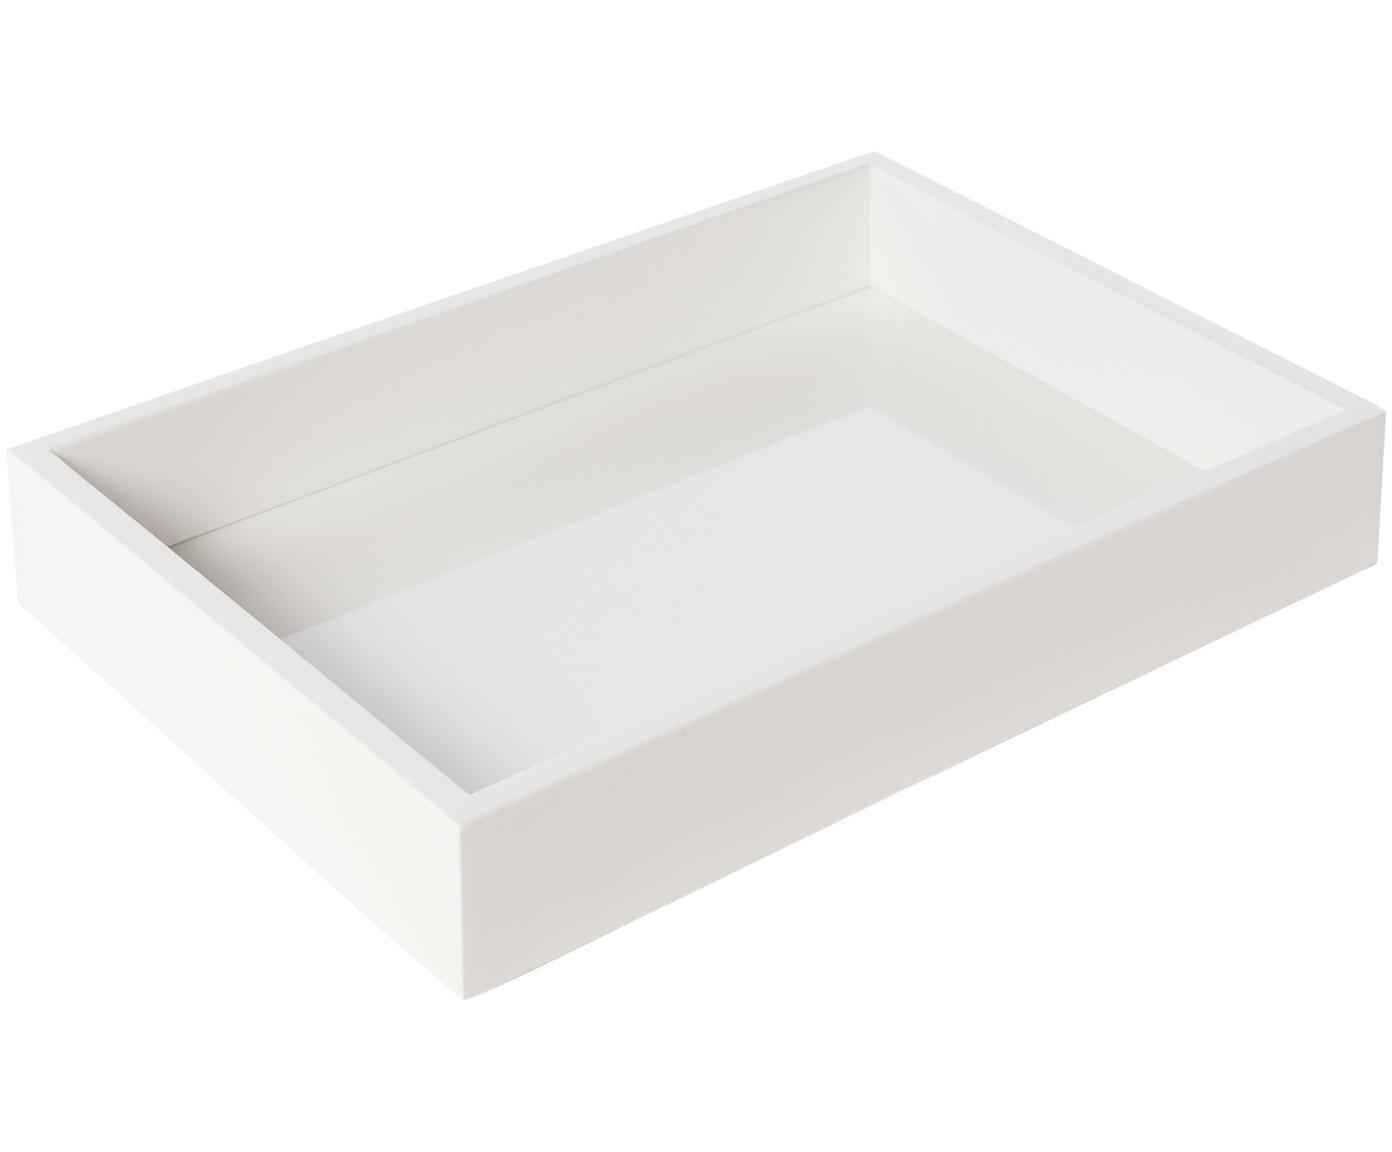 Hochglanz-Tablett Hayley in Weiß, Tablett: Mitteldichte Holzfaserpla, Unterseite: Samtbezug, Weiß, B 33 x T 24 cm